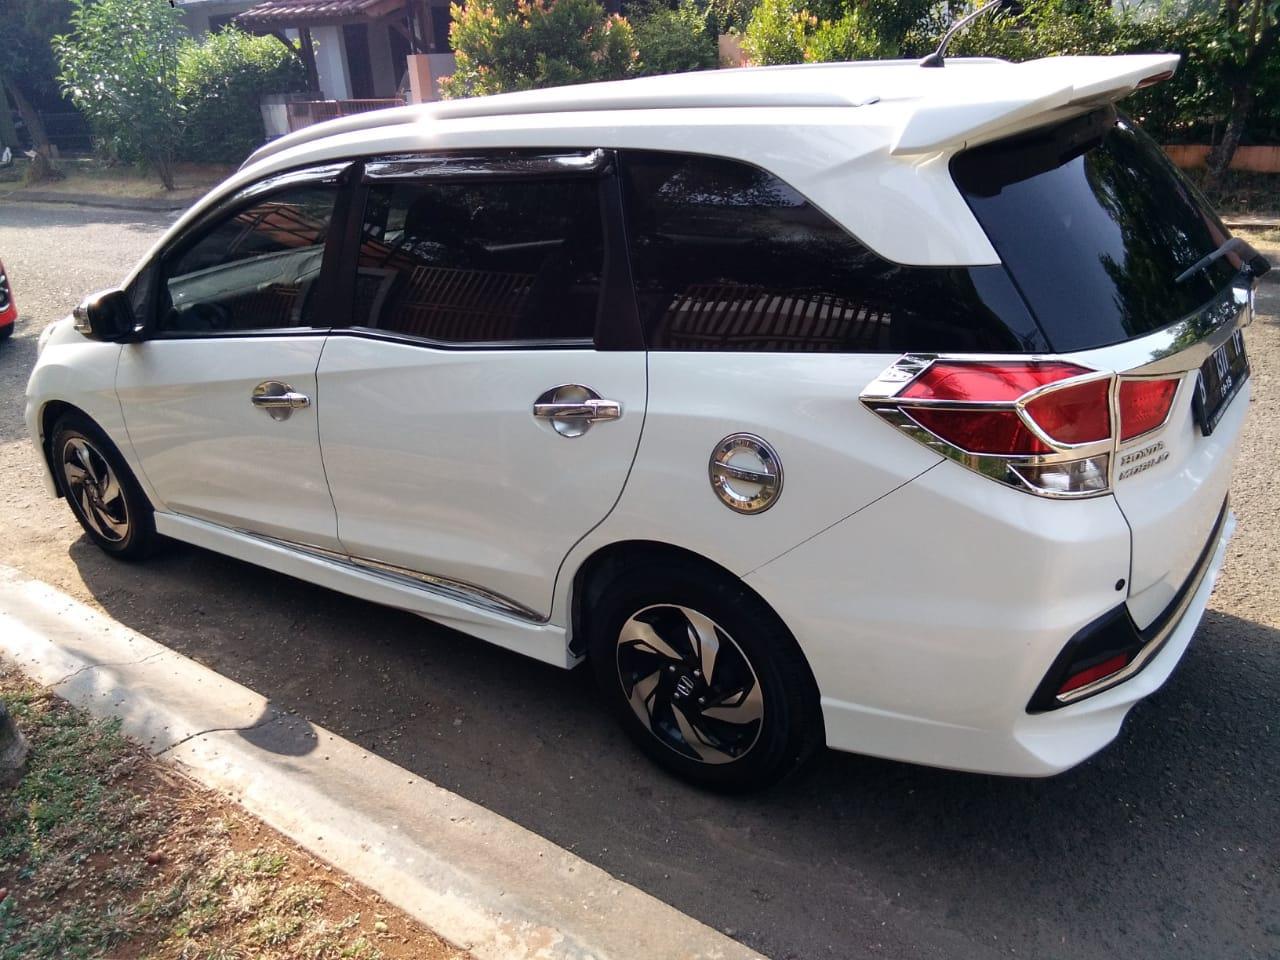 Kelebihan Harga Mobil Honda Mobilio Bekas Perbandingan Harga